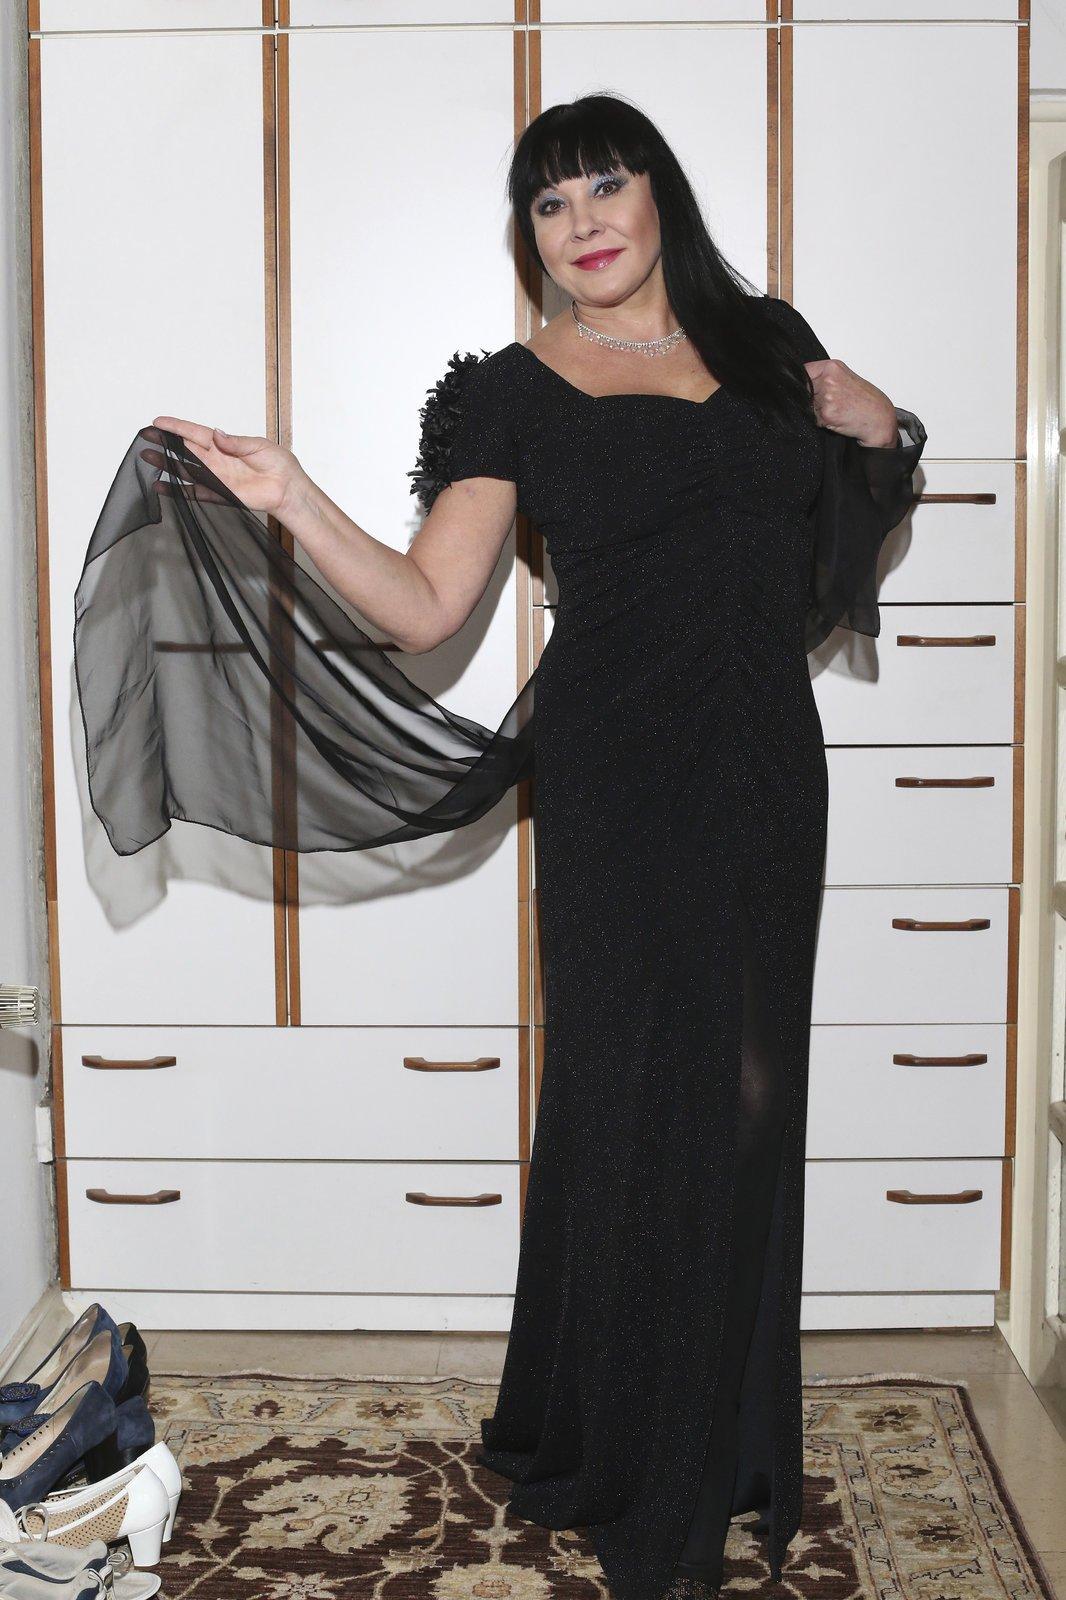 """Černý sen: Velká večerní róba je z dílny Beaty Rajské. """"Původně jsem šla k Beatě pro nějaké univerzální sako. Ale tyhle šaty mě omámily. Dokazují, že návrhářka umí oblékat nejen hubené manekýny, ale taky ženy, které mají prsa,"""" svěřila se Dáda."""